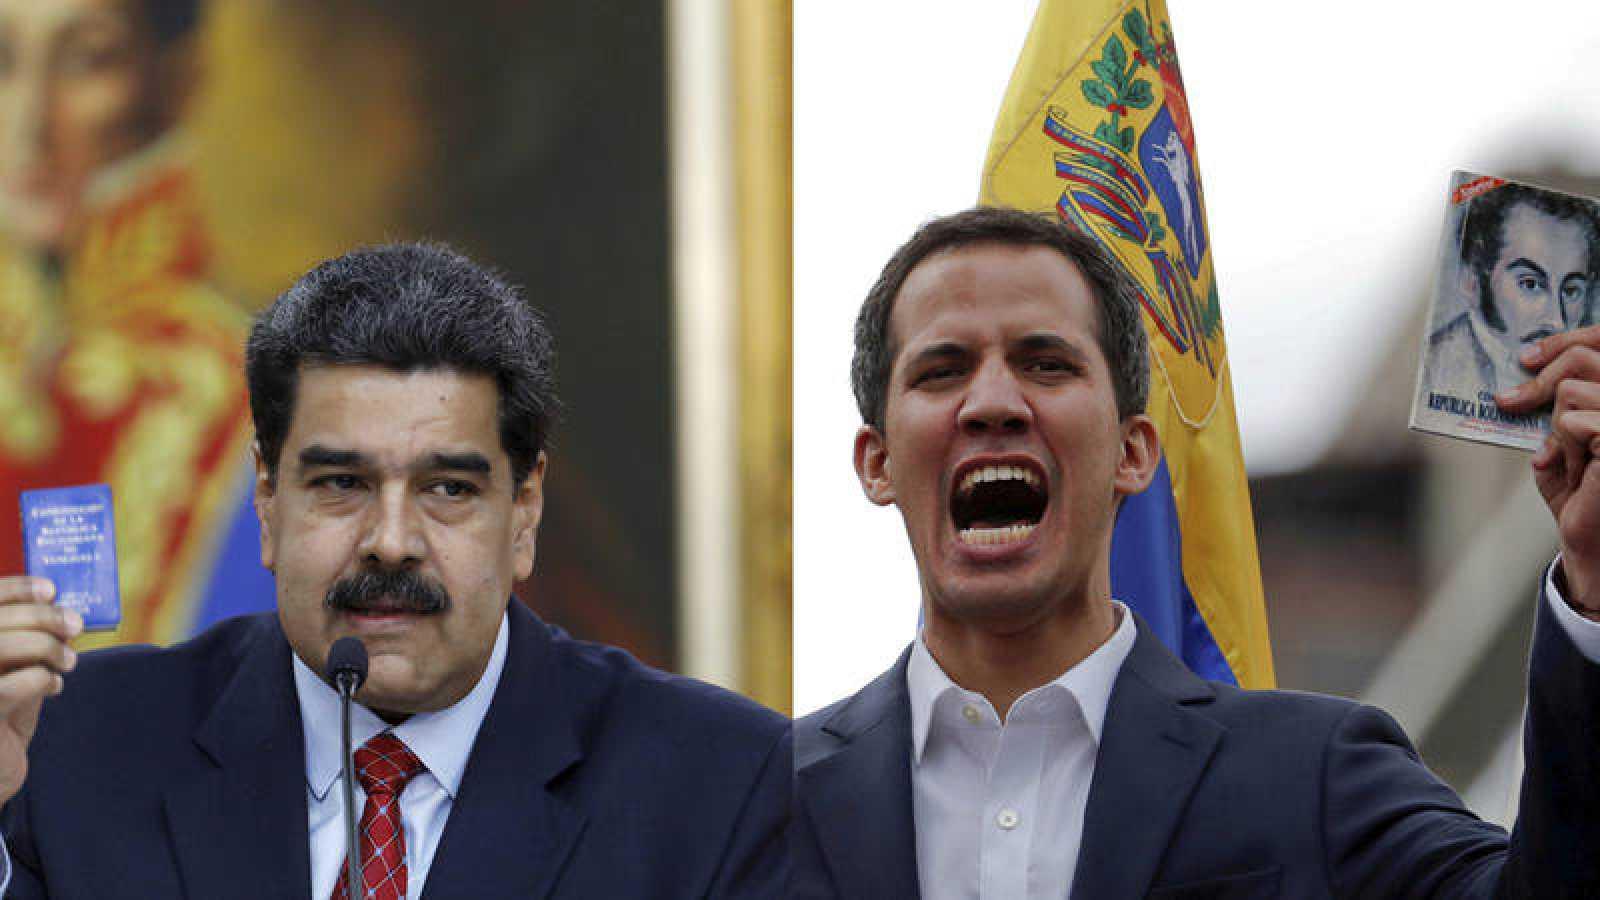 Nicolás Maduro y Juan Guaidó, el pulso por el control de Venezuela